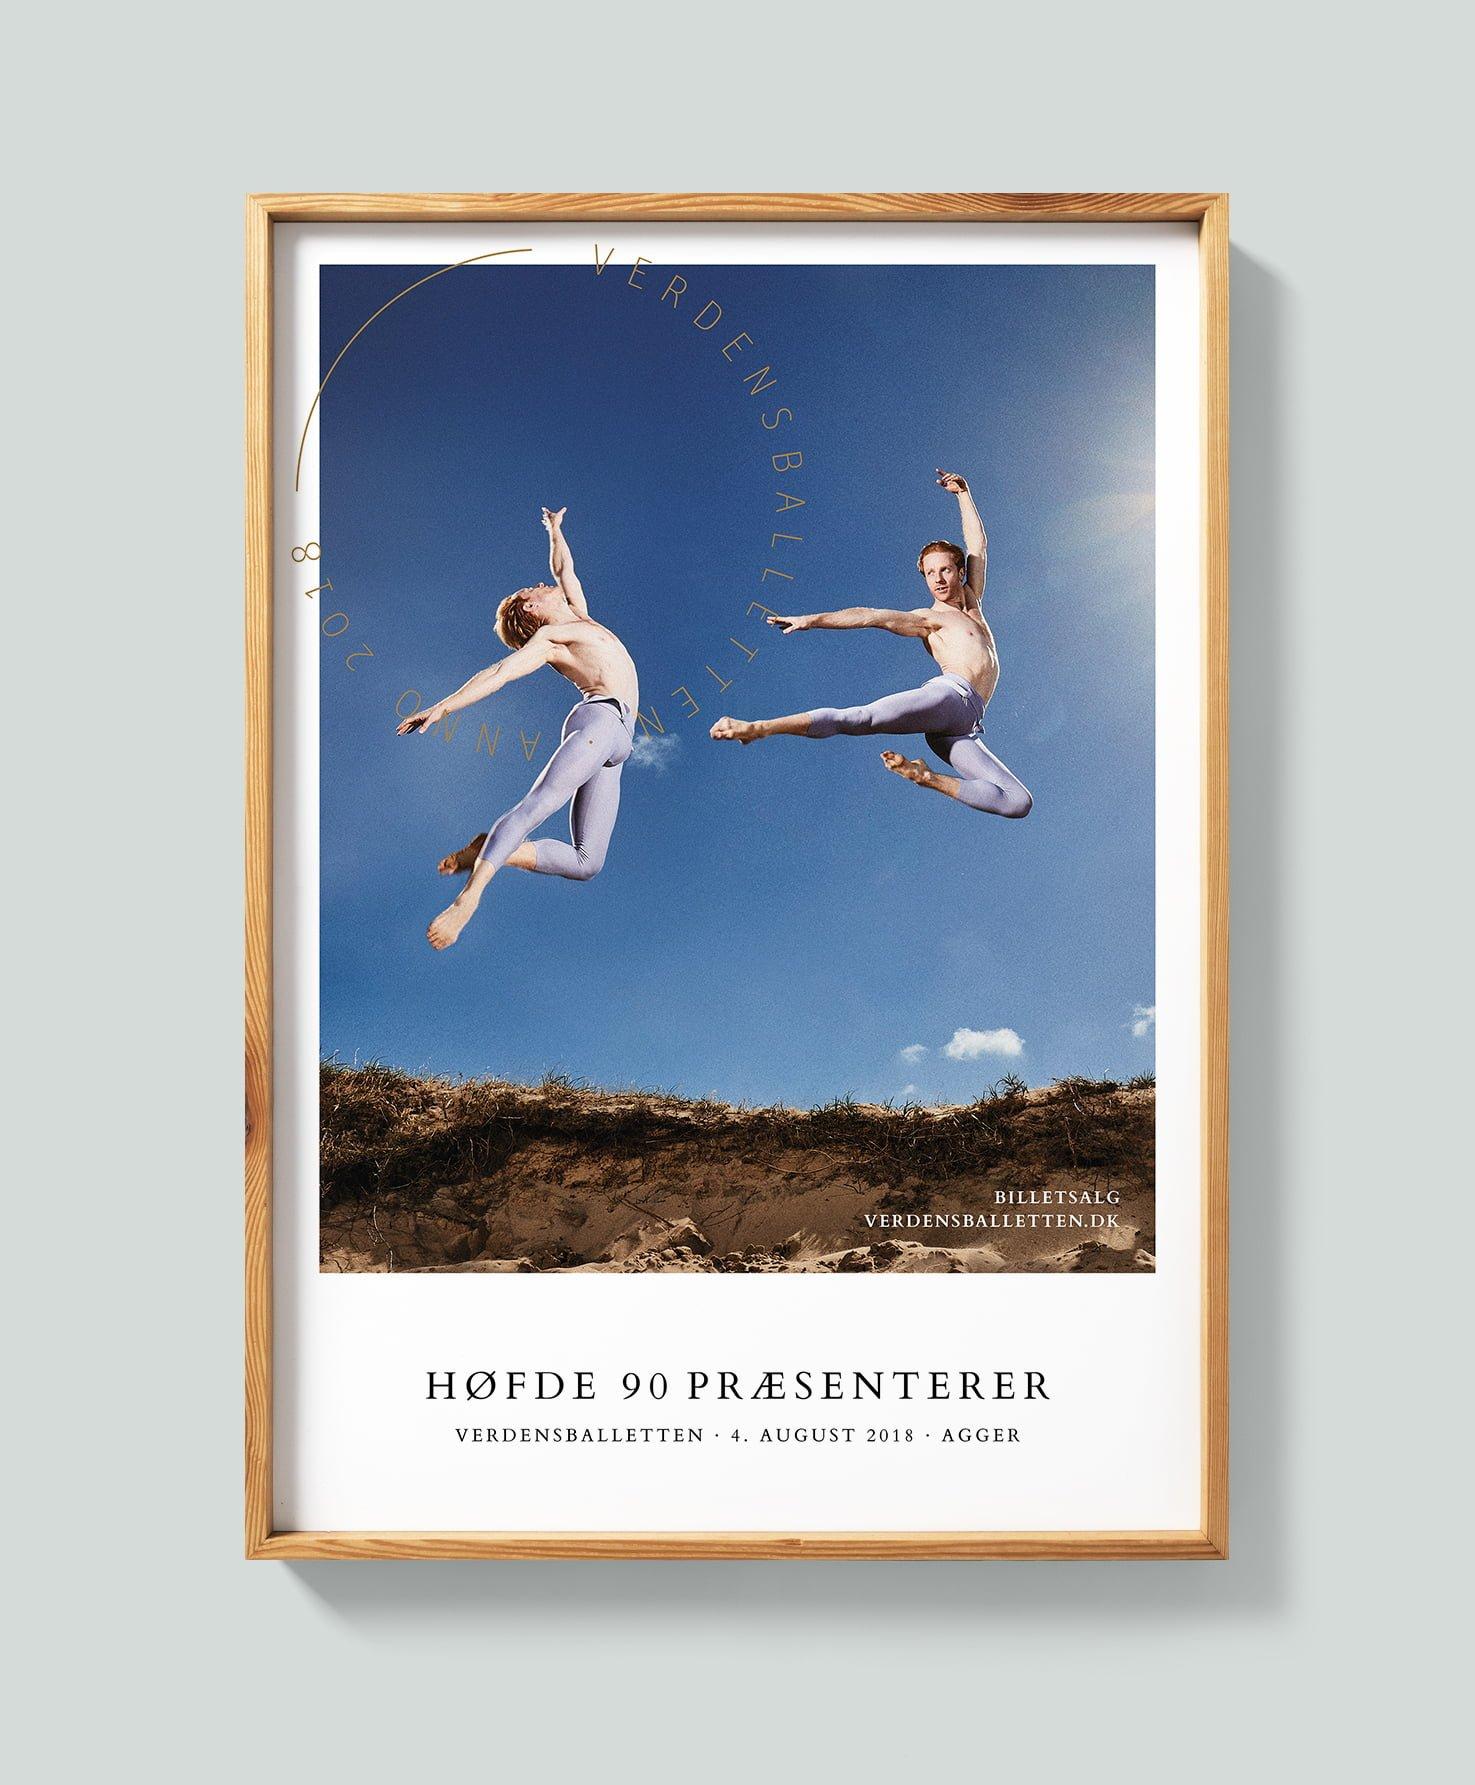 Verdensballetten_mockup poster_Agger 2018 wood